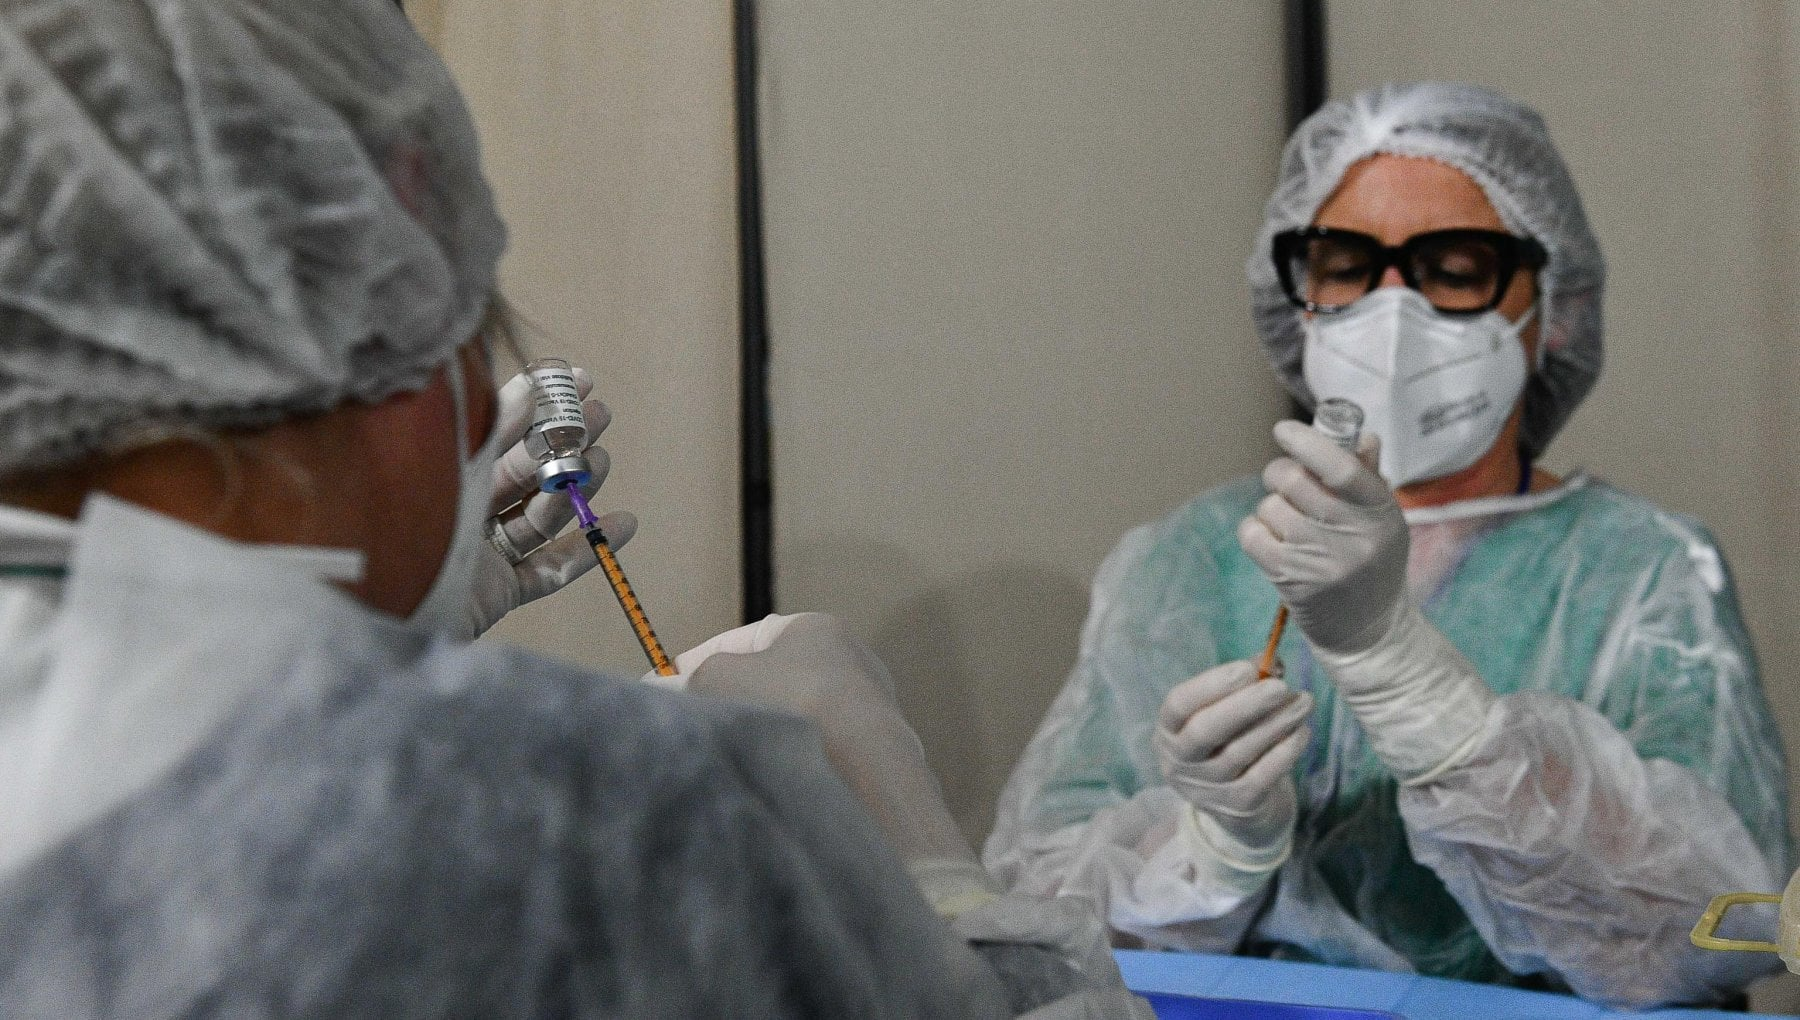 """183324788 1cb4e377 355b 45a6 a7d8 127cf216224f - Vaccino antiCovid, in Puglia somministrate 514mila dosi su 601mila consegnate. Lopalco: """"Di più non possiamo fare"""""""